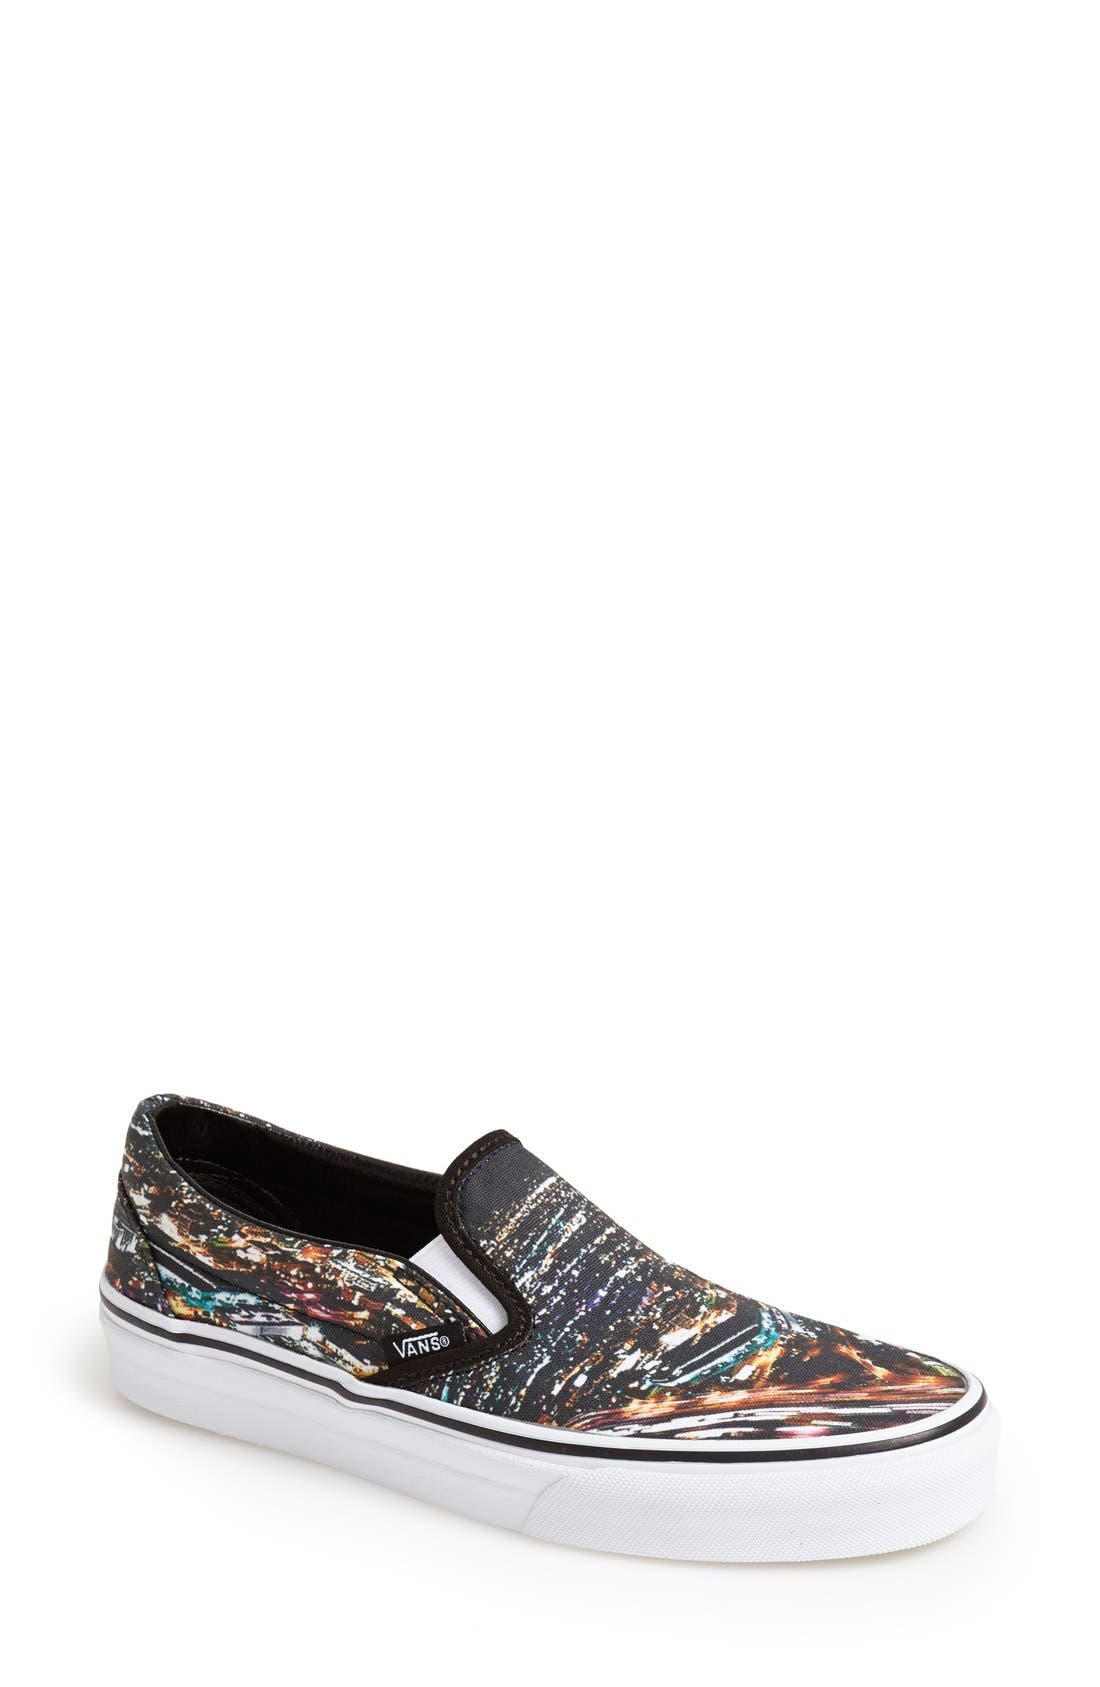 Alternate Image 1 Selected - Vans Slip-On Sneaker (Women)